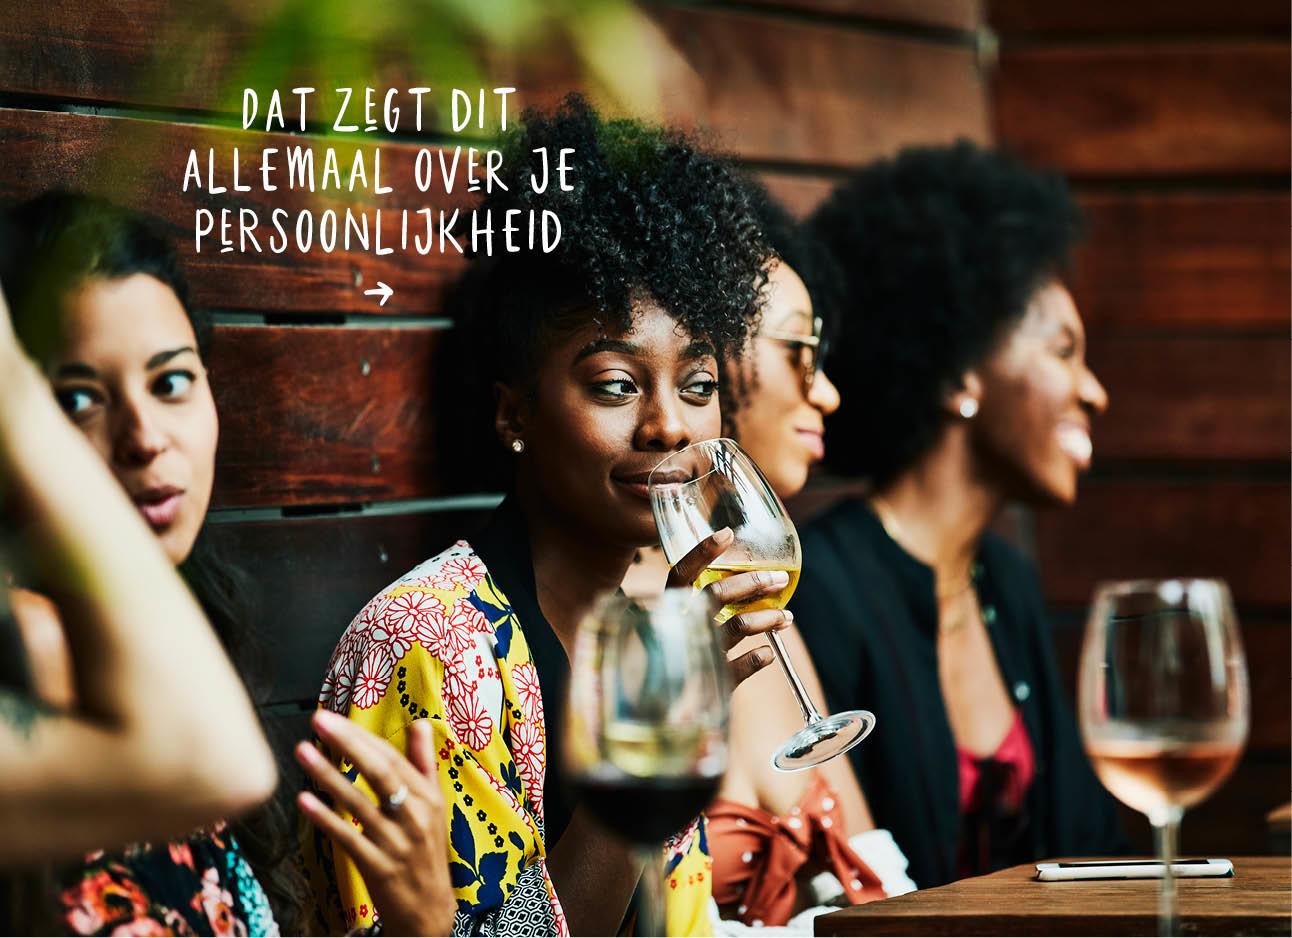 Vrouwen aan tafel buiten gezellig drinken rode wijn witte wijn rose